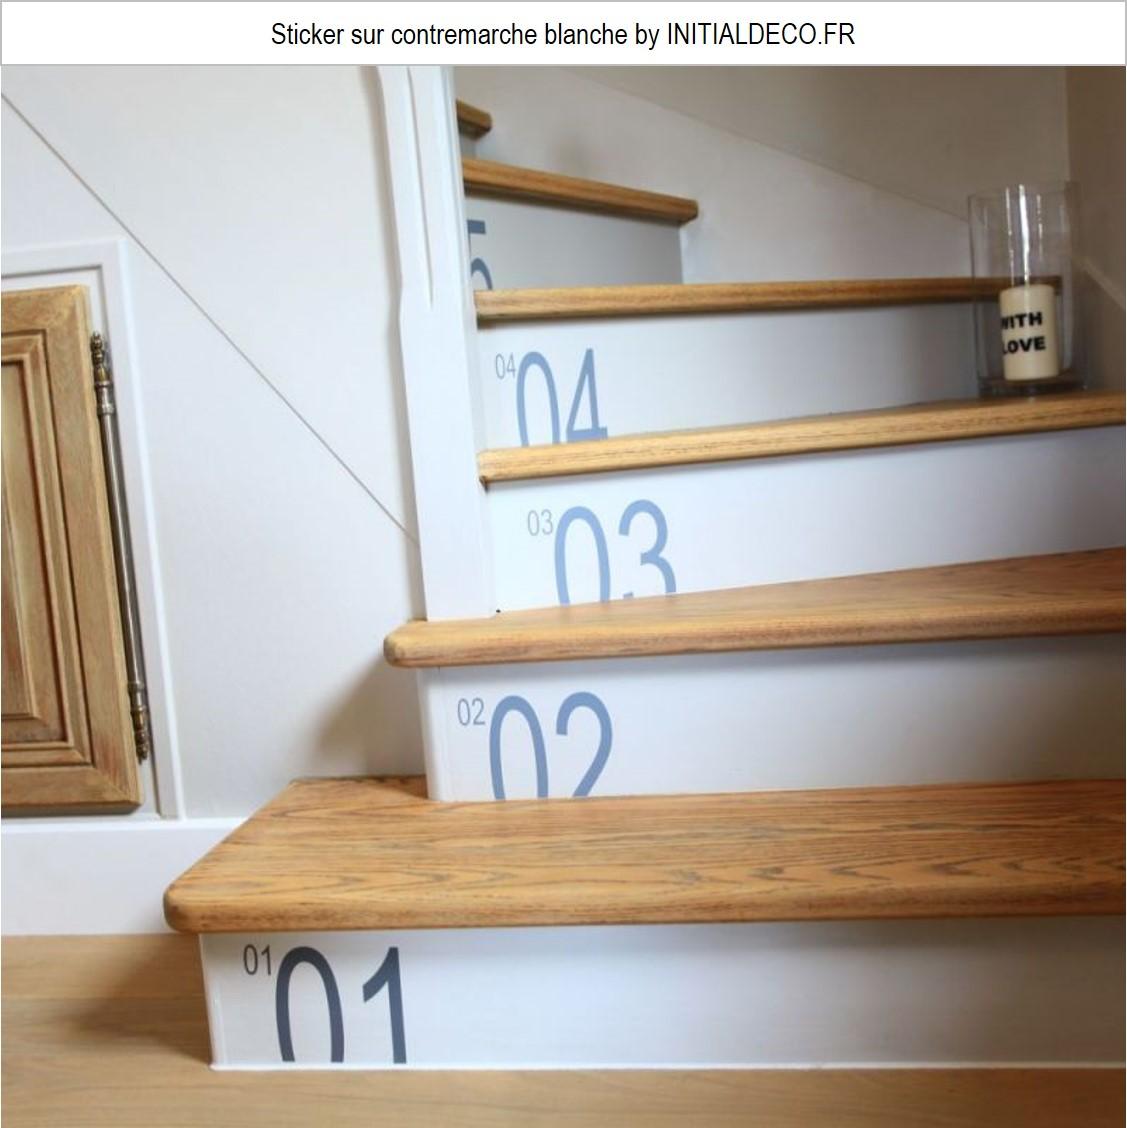 escalier sticker contremarche